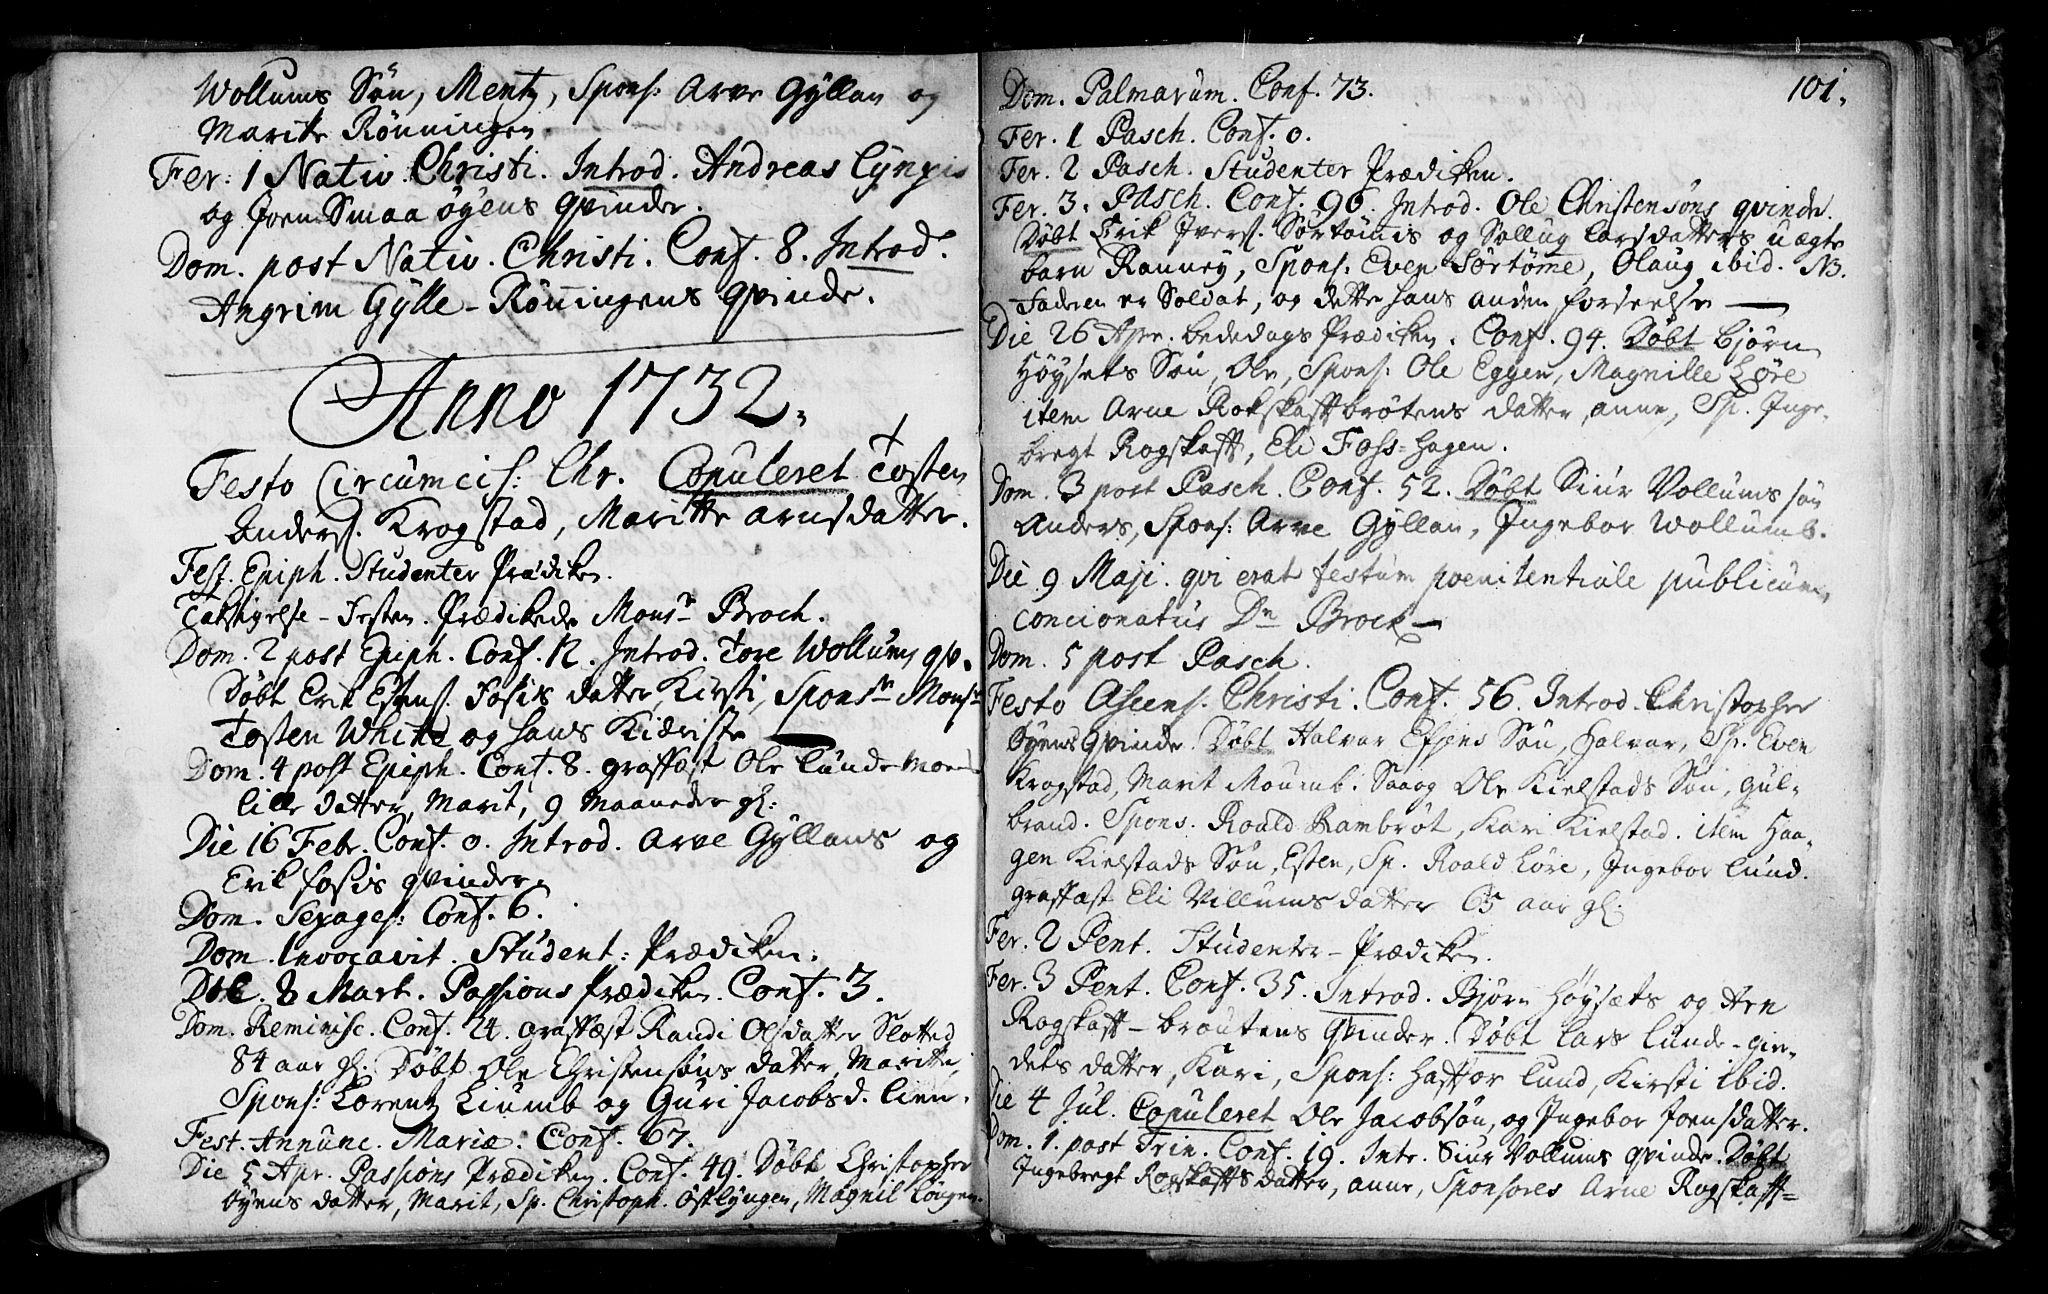 SAT, Ministerialprotokoller, klokkerbøker og fødselsregistre - Sør-Trøndelag, 692/L1101: Ministerialbok nr. 692A01, 1690-1746, s. 101